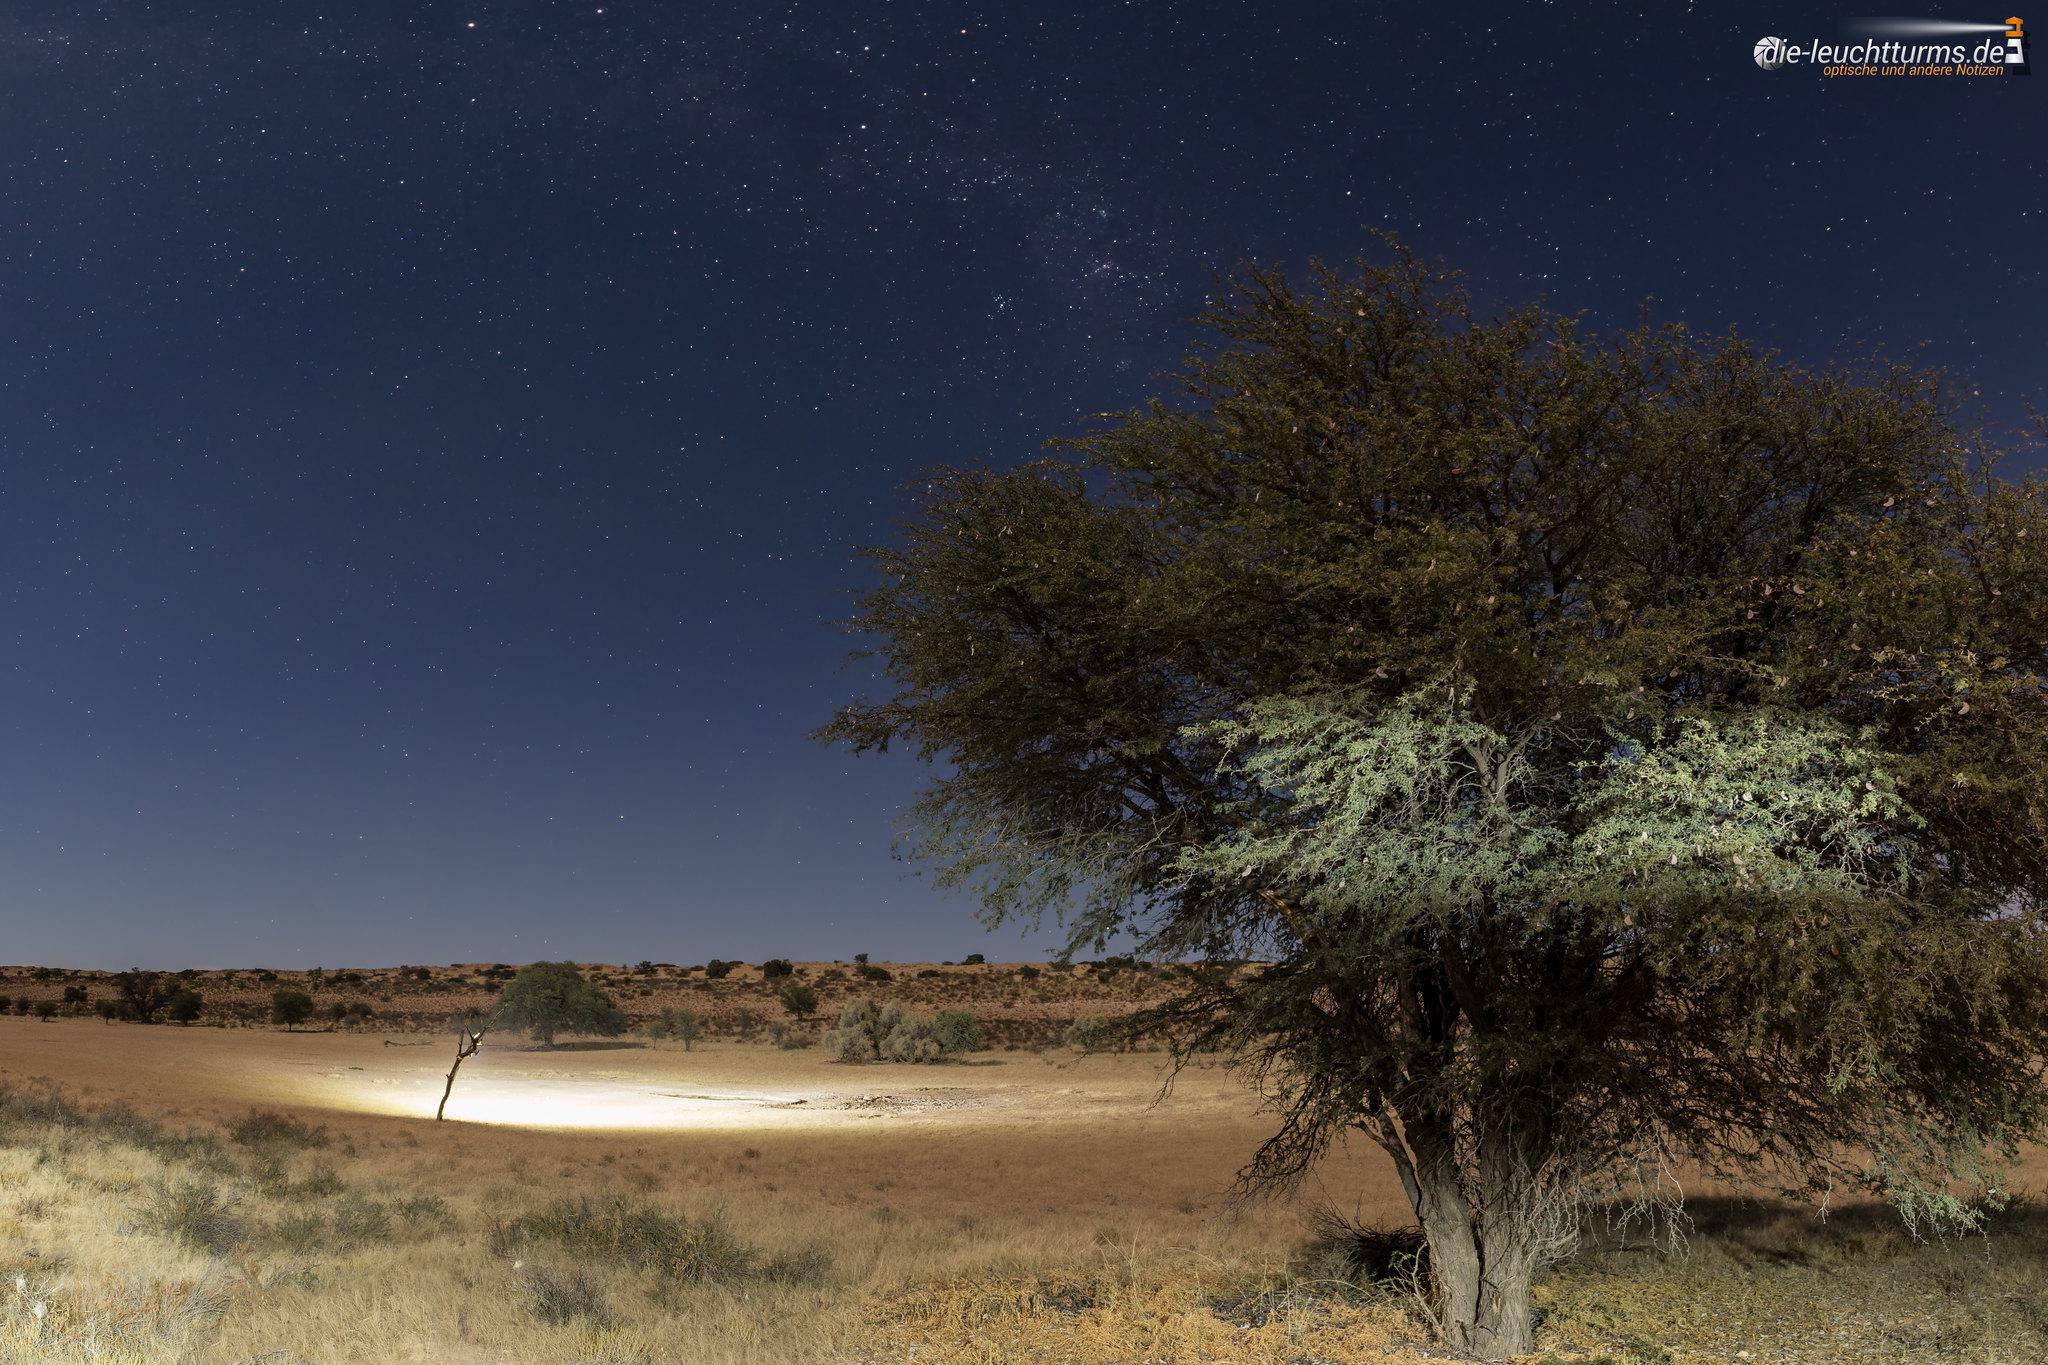 Urikaarus Waterhole under moonlight